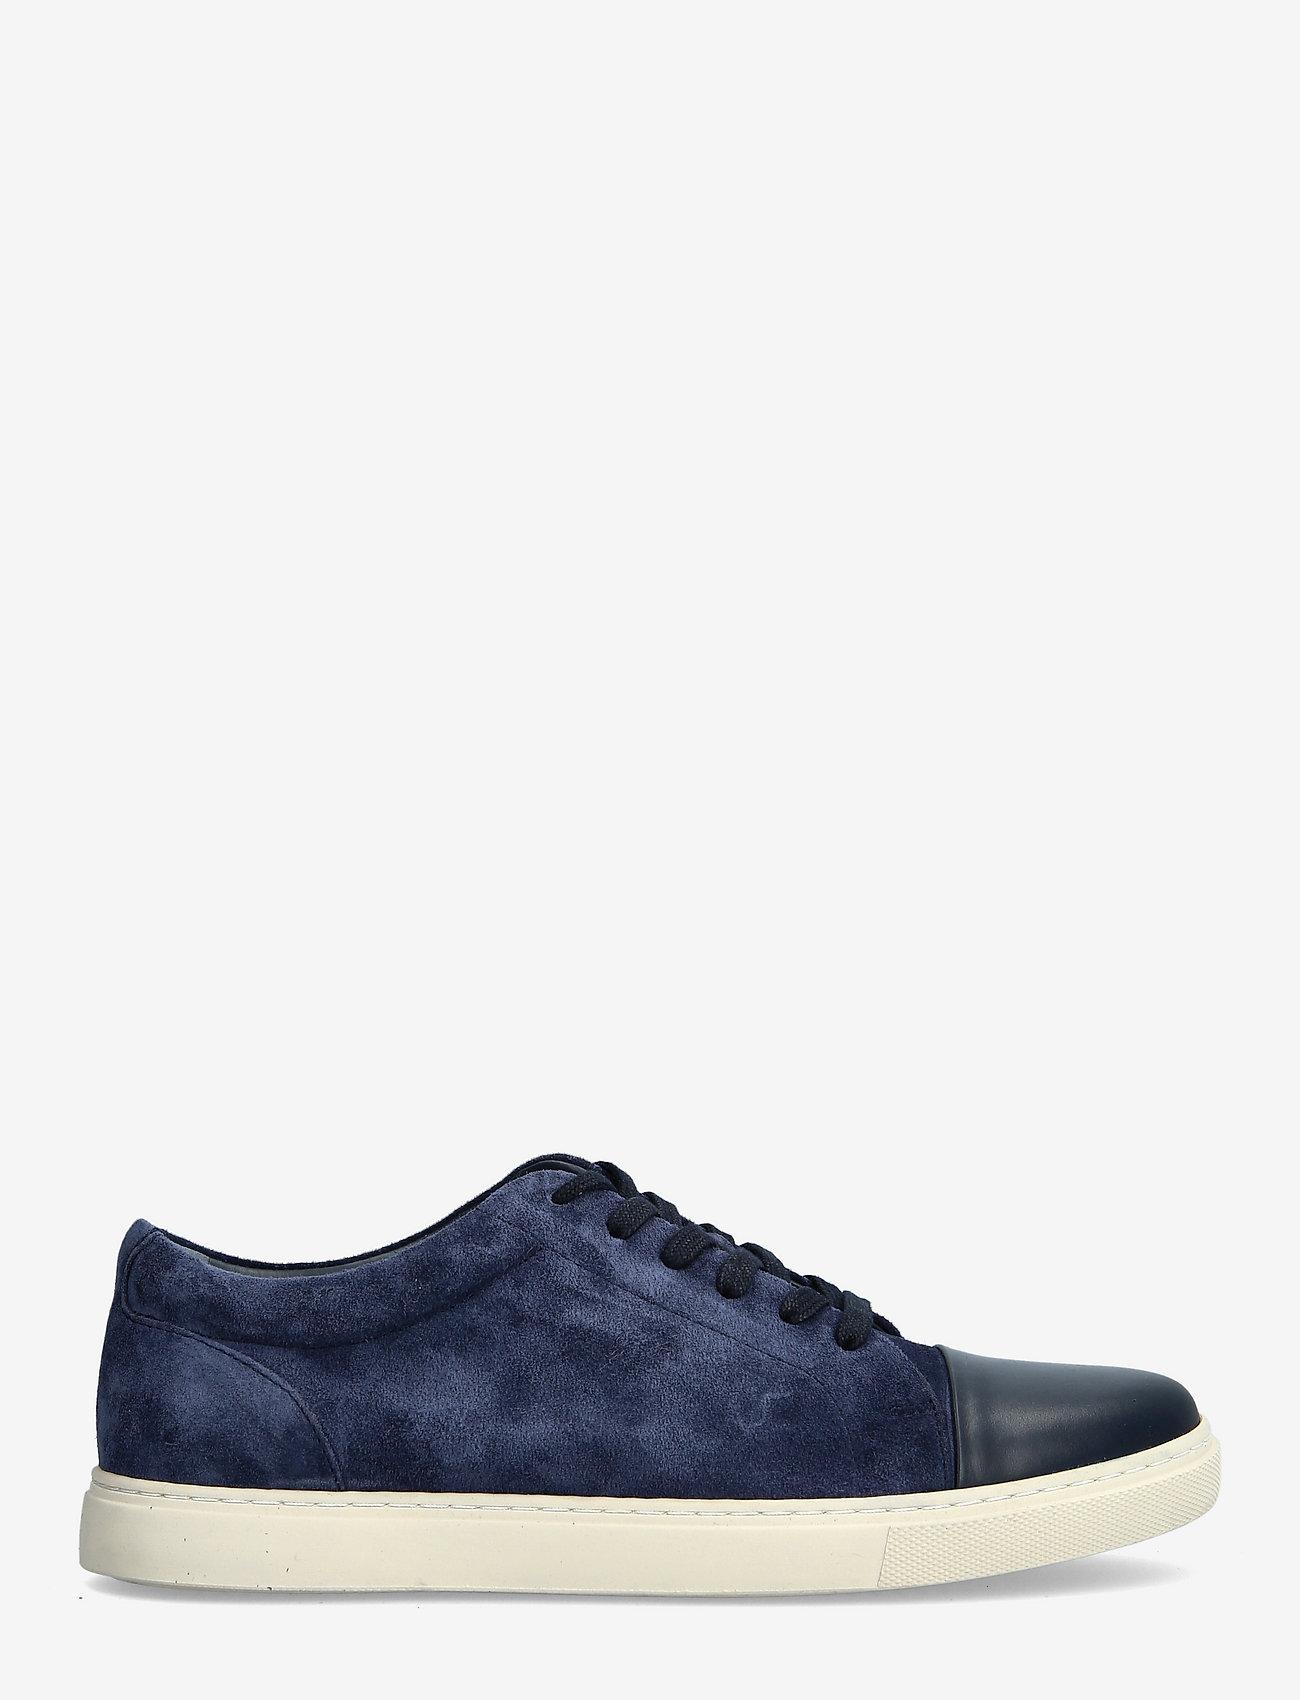 Allen Edmonds - Cooper - låga sneakers - navy - 1